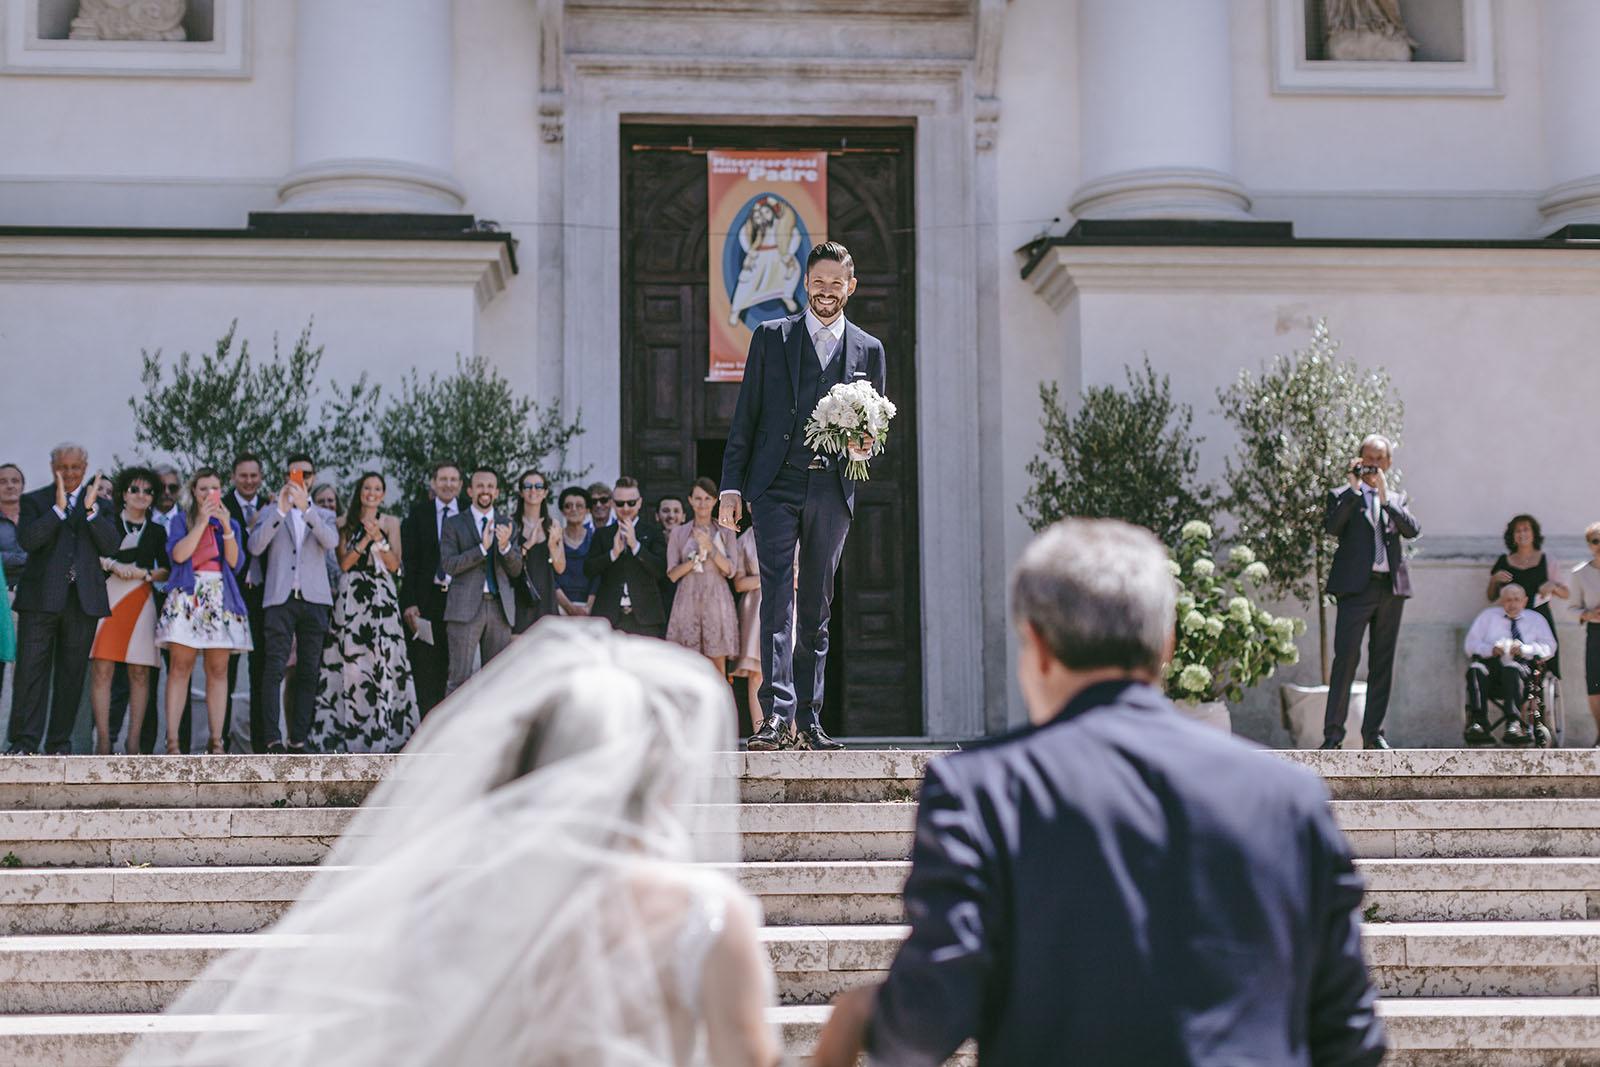 Matrimonio a Vicenza dove lo stile del Palladio fa da cornice e da testimone all'unione tra Silvia e massimo che festeggiano a Villa Godi Malinverni.